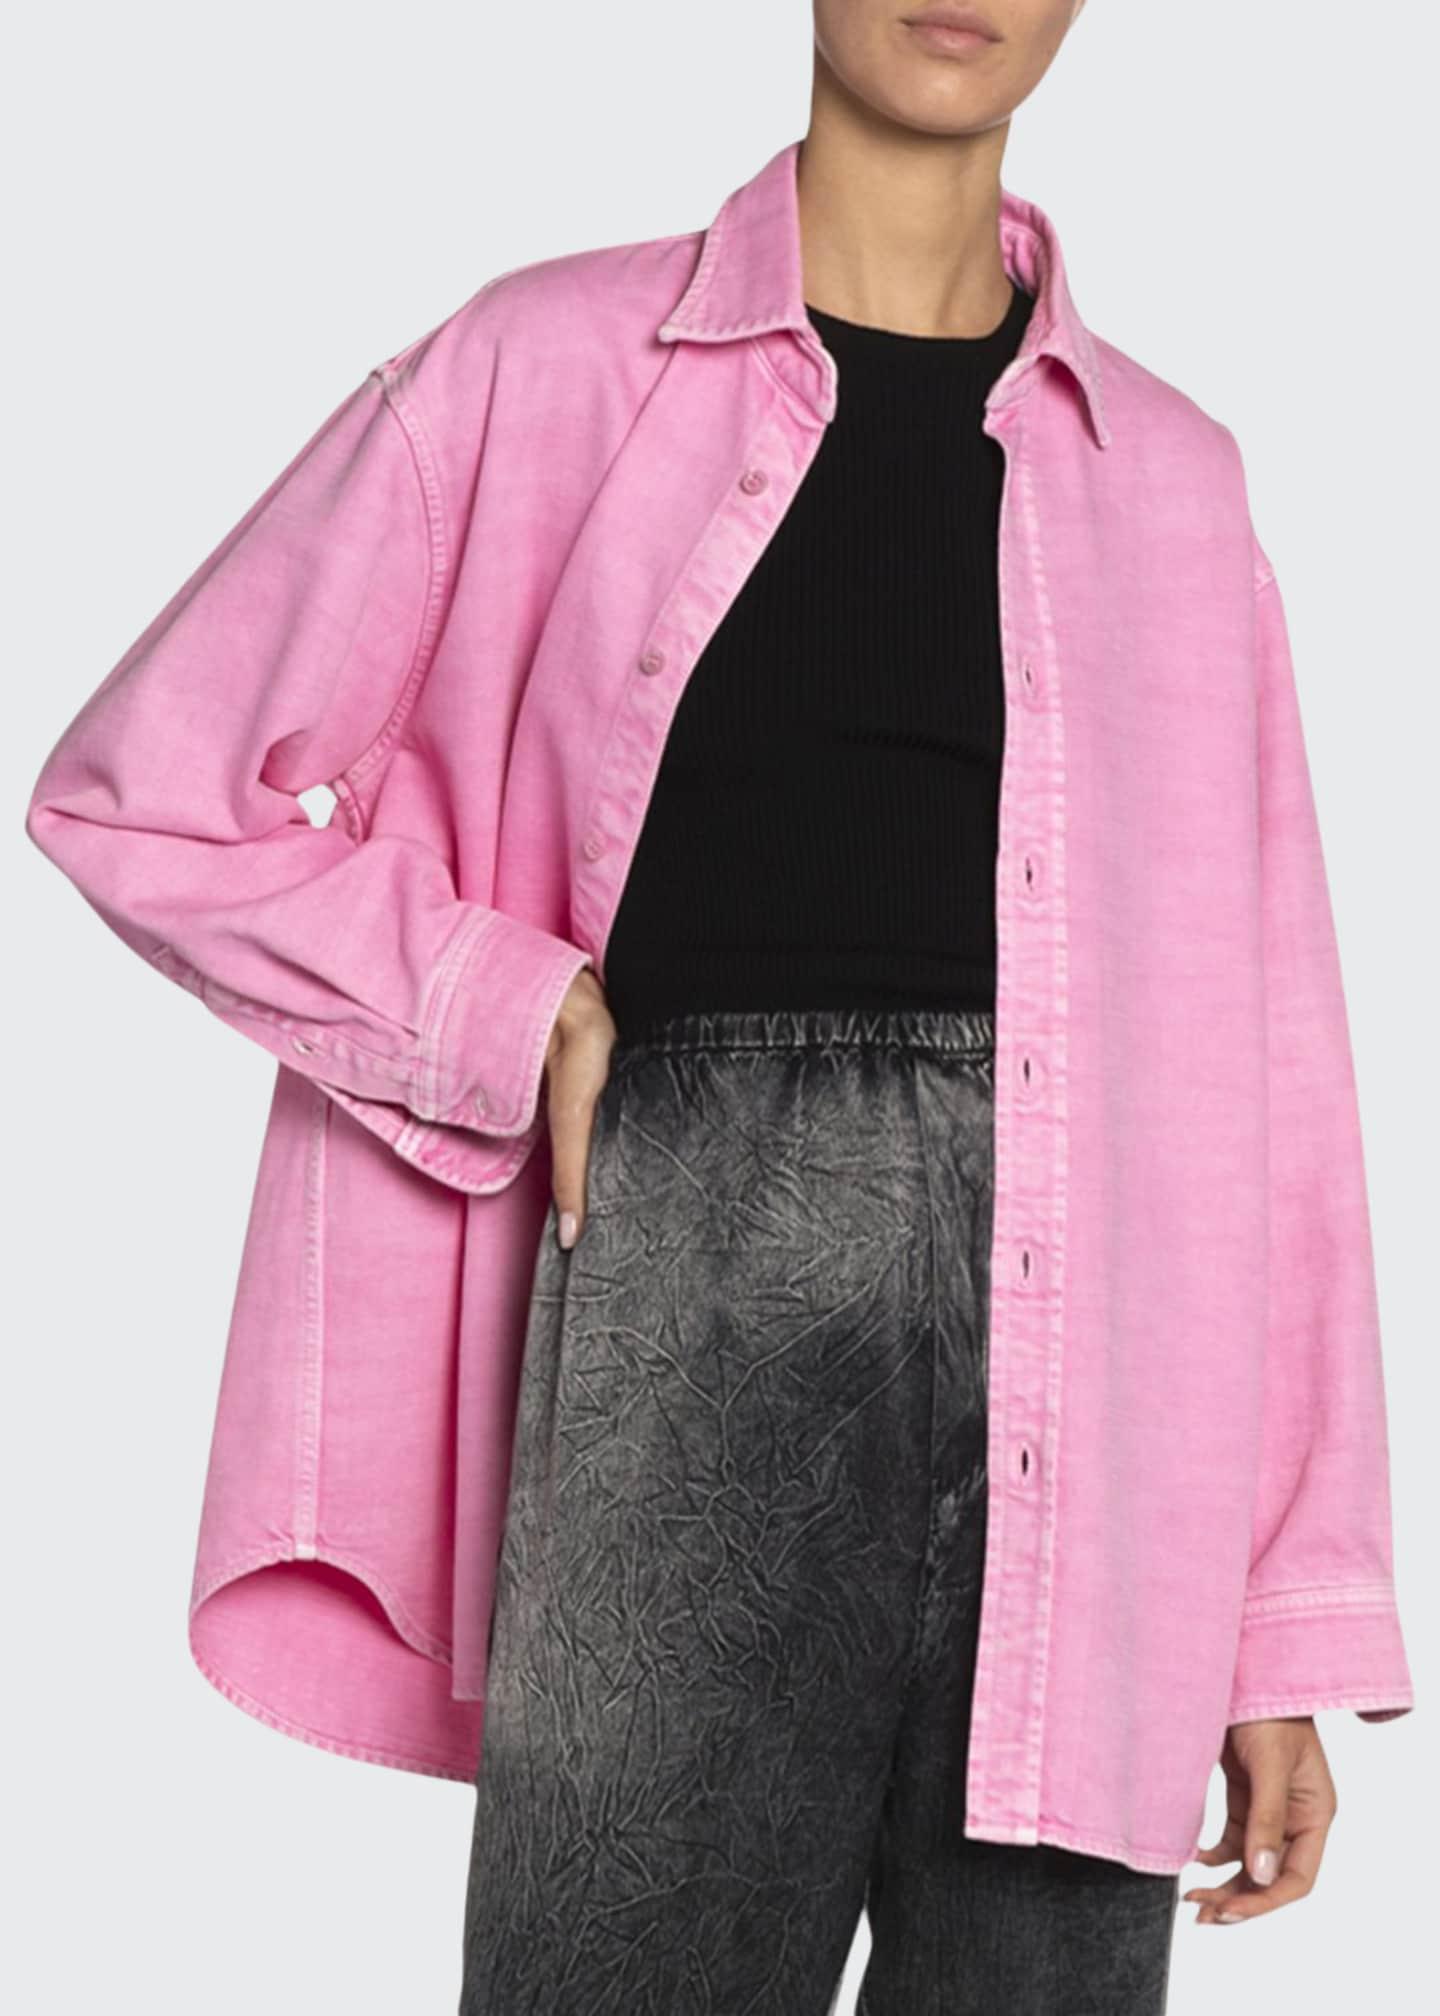 Balenciaga Over-Dyed Denim Button-Front Shirt